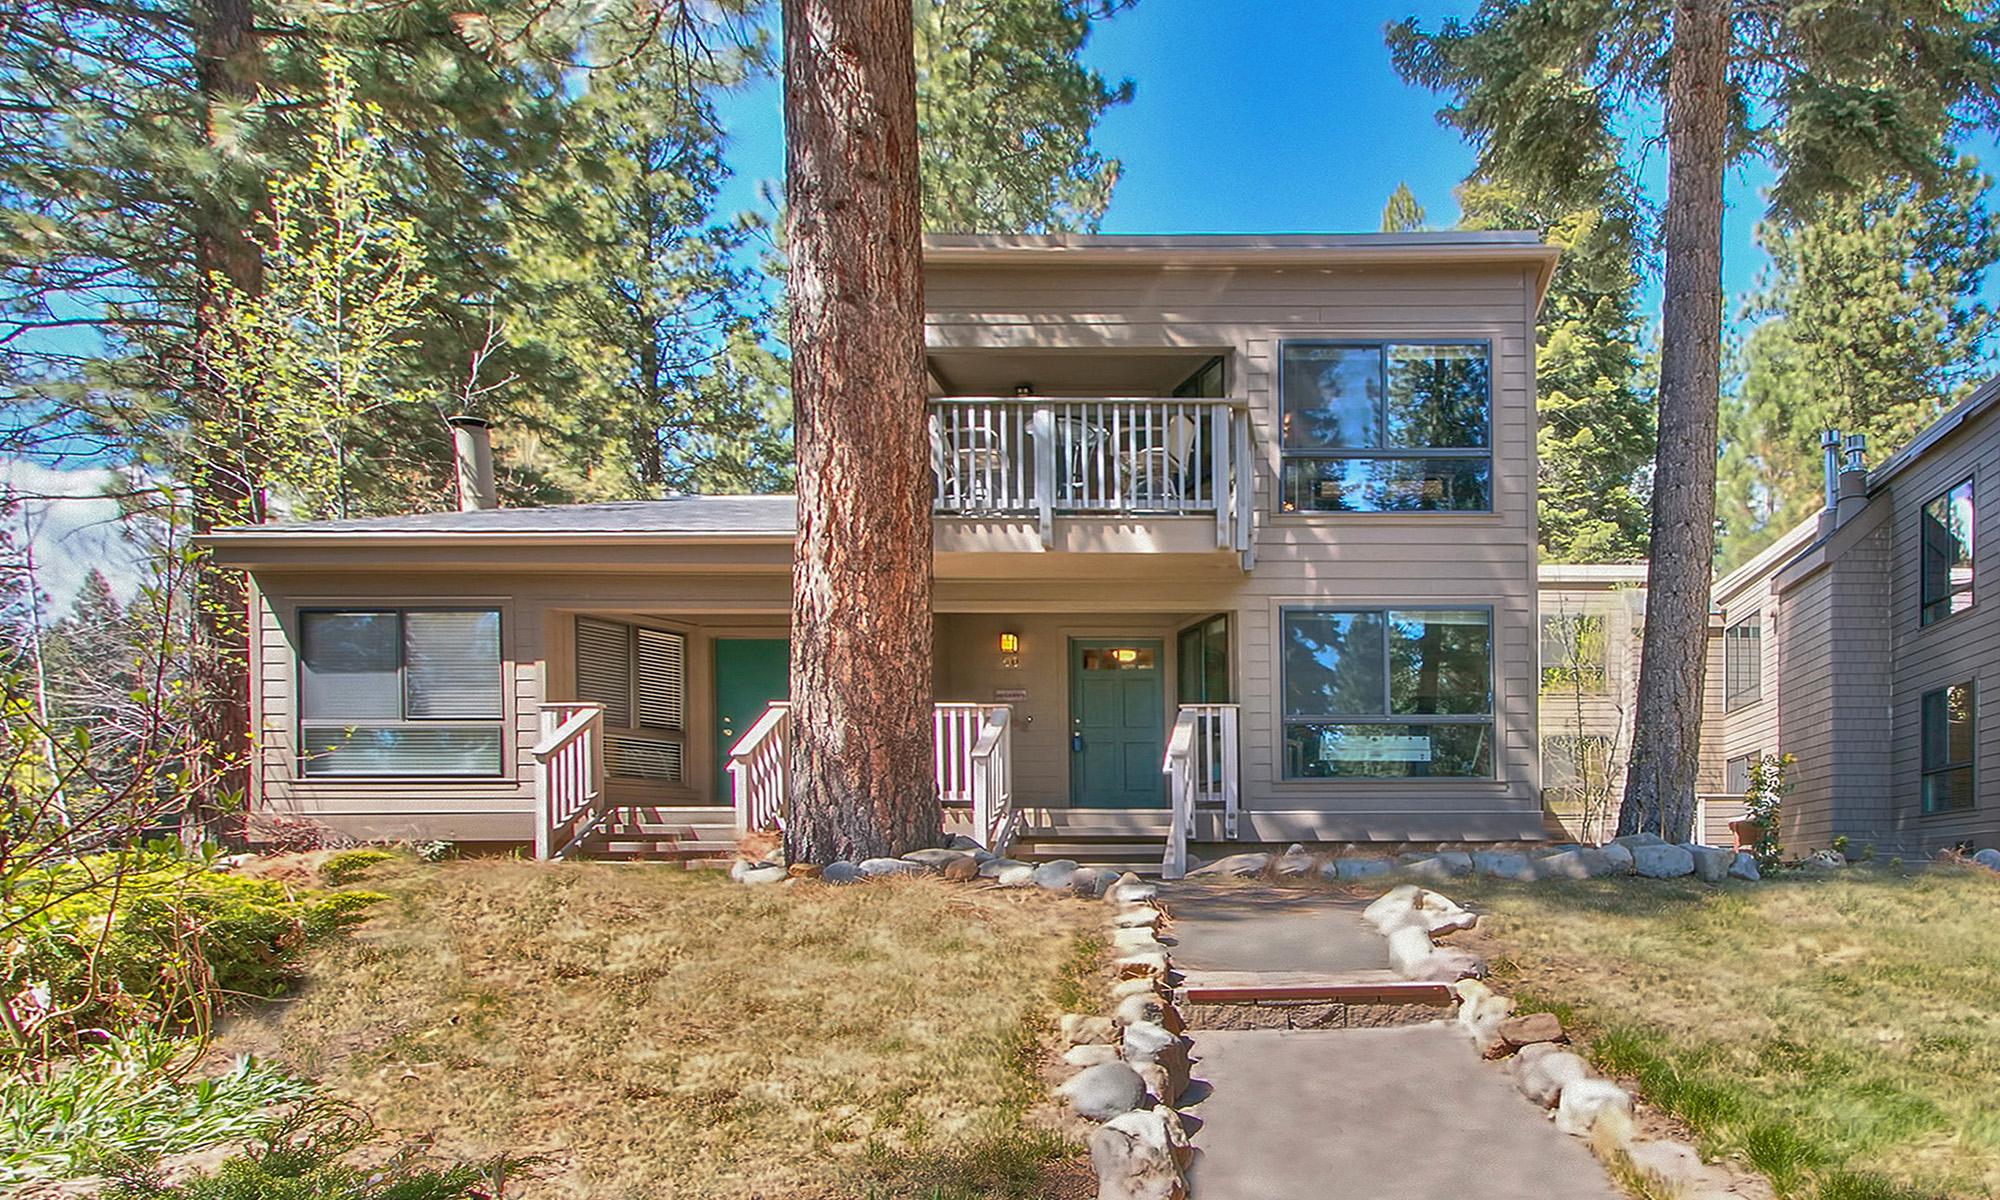 Condominium for Sale at 136 Juanita #50 Incline Village, Nevada 89451 United States